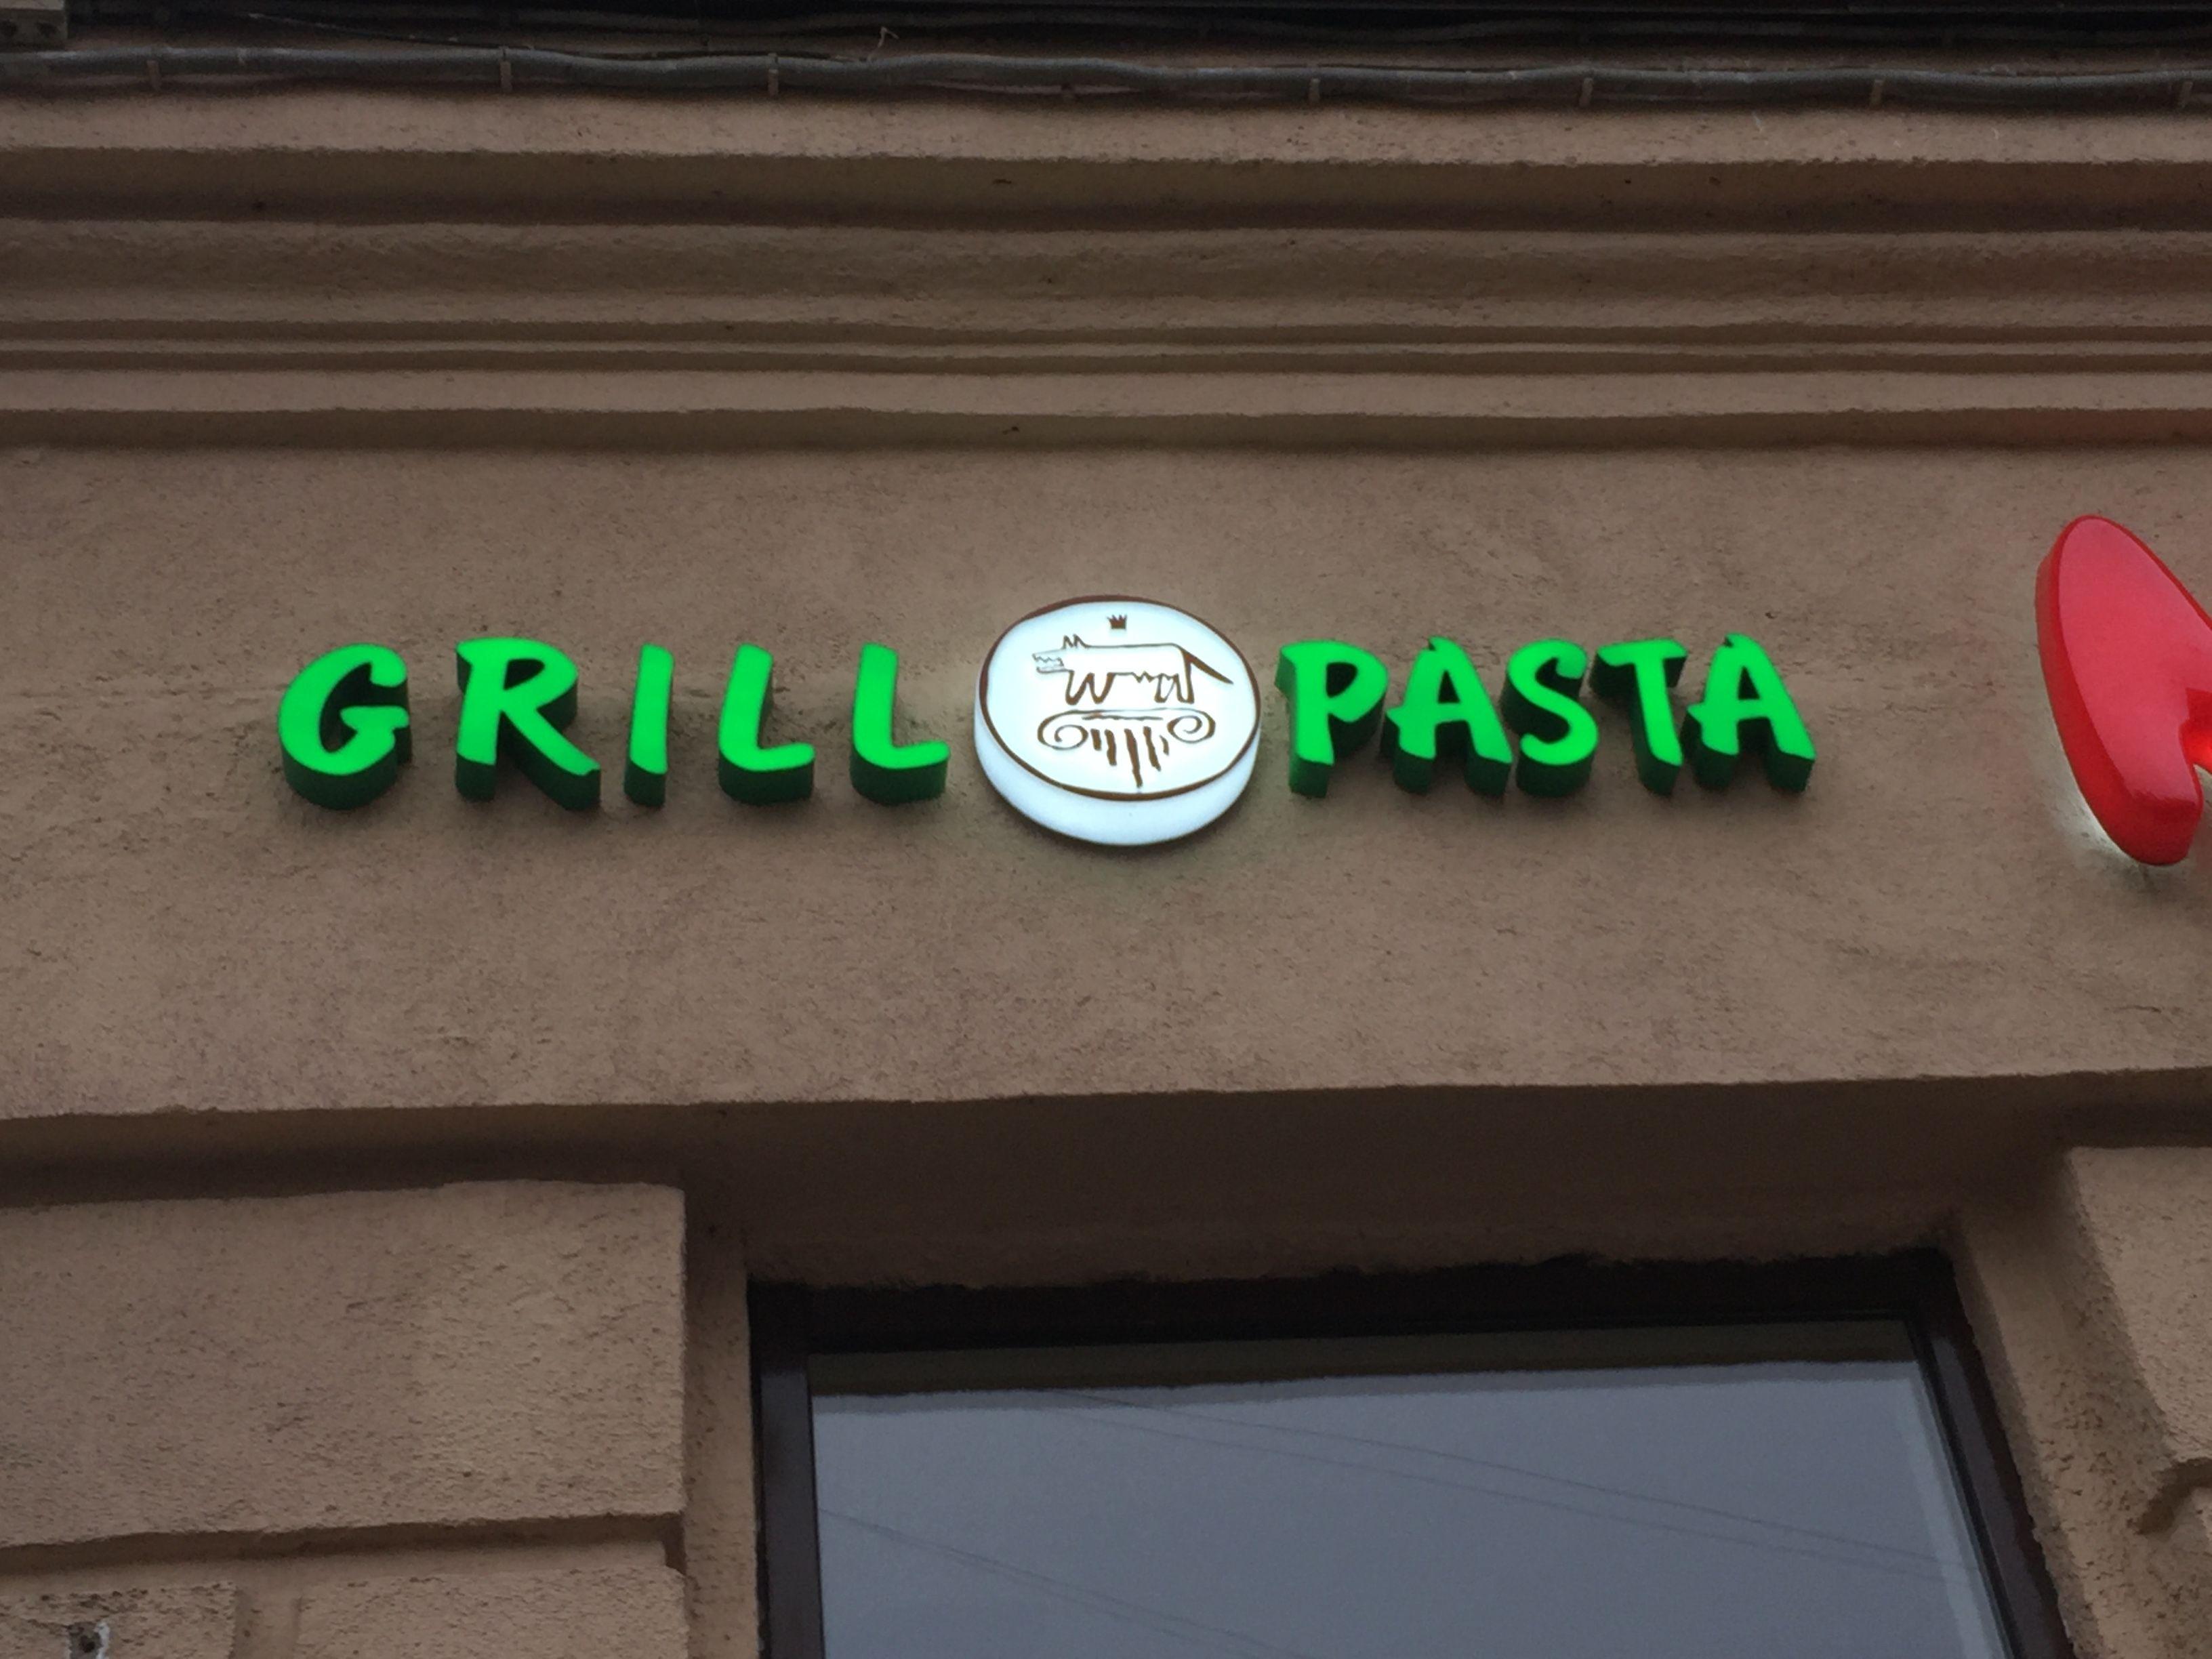 Объёмные световые буквы, дизайн, проектирование, ресторан, МАМАРОМА, логотип